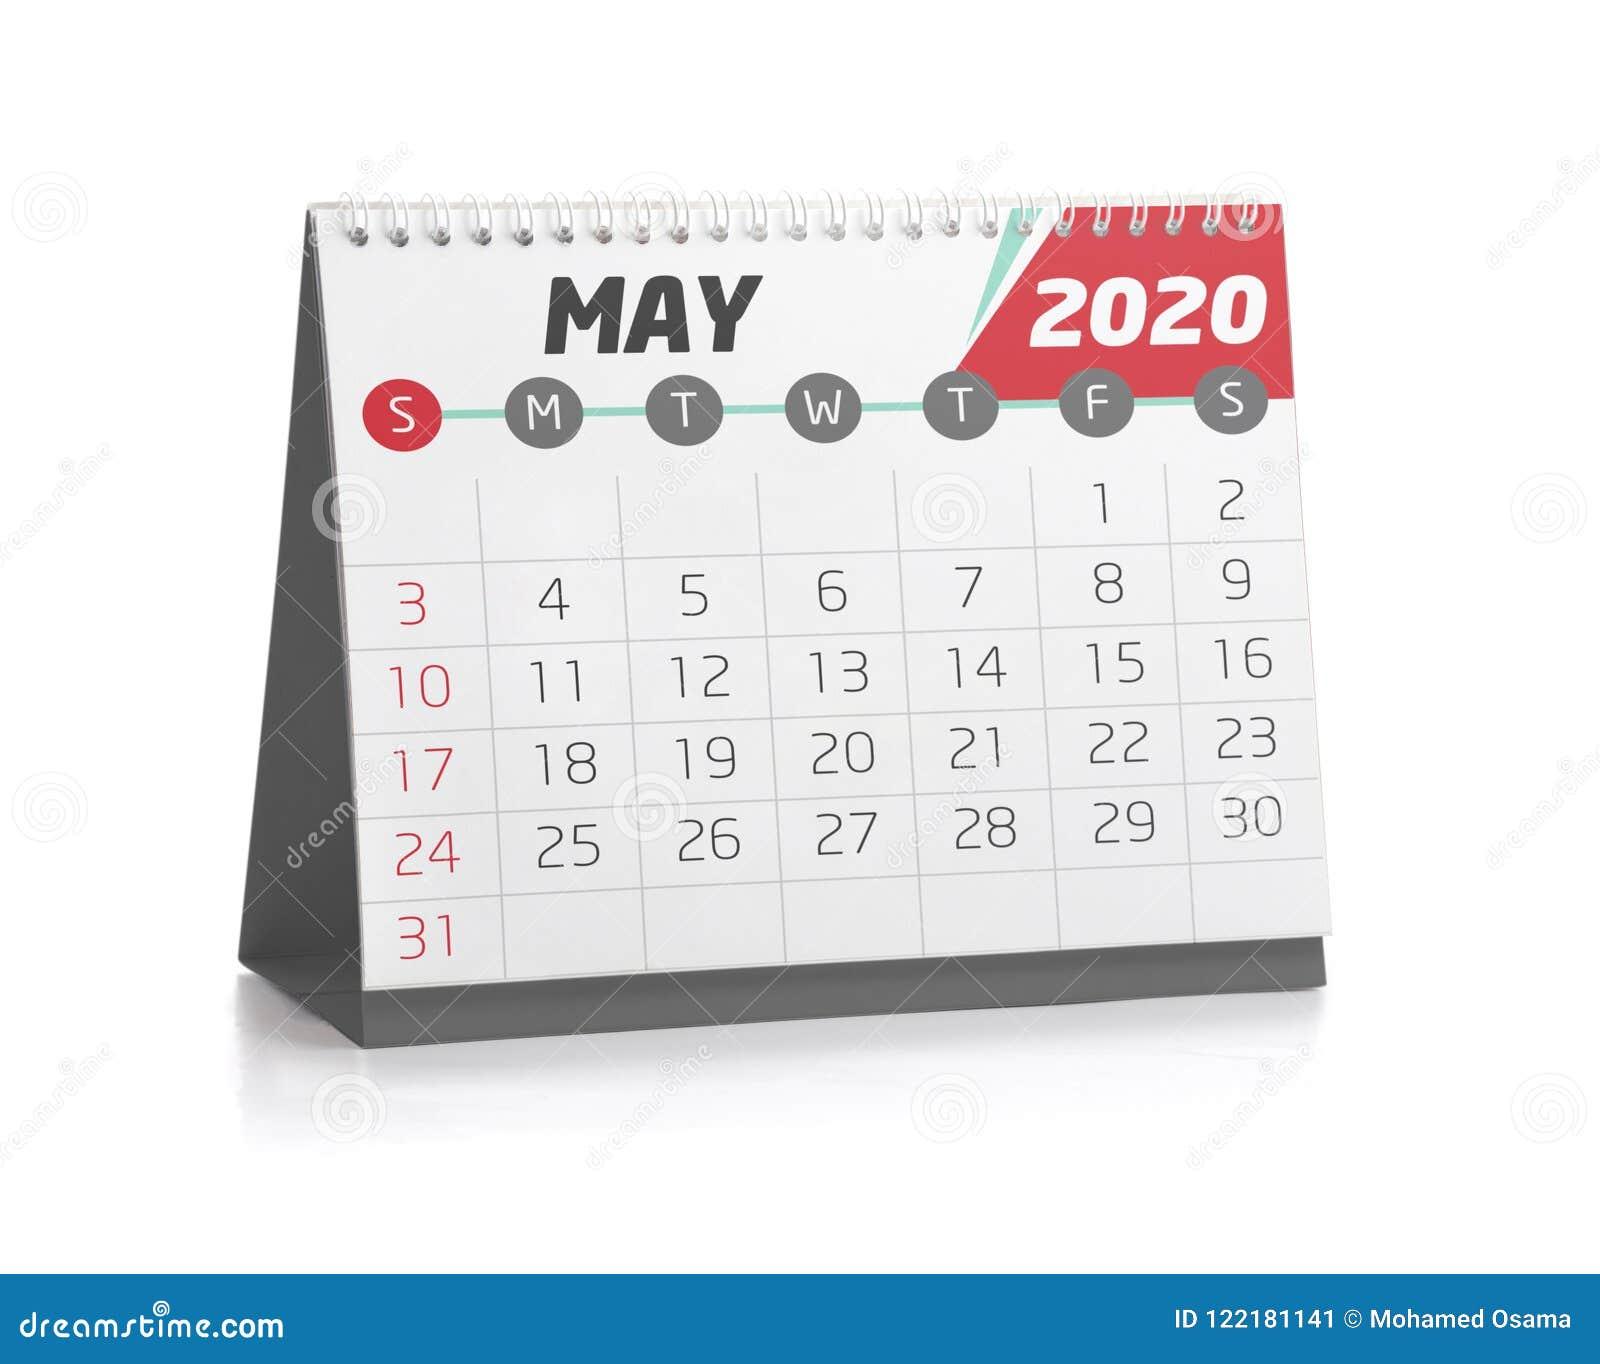 Calendario Di Maggio 2020.Ufficio Calendario Maggio 2020 Illustrazione Di Stock